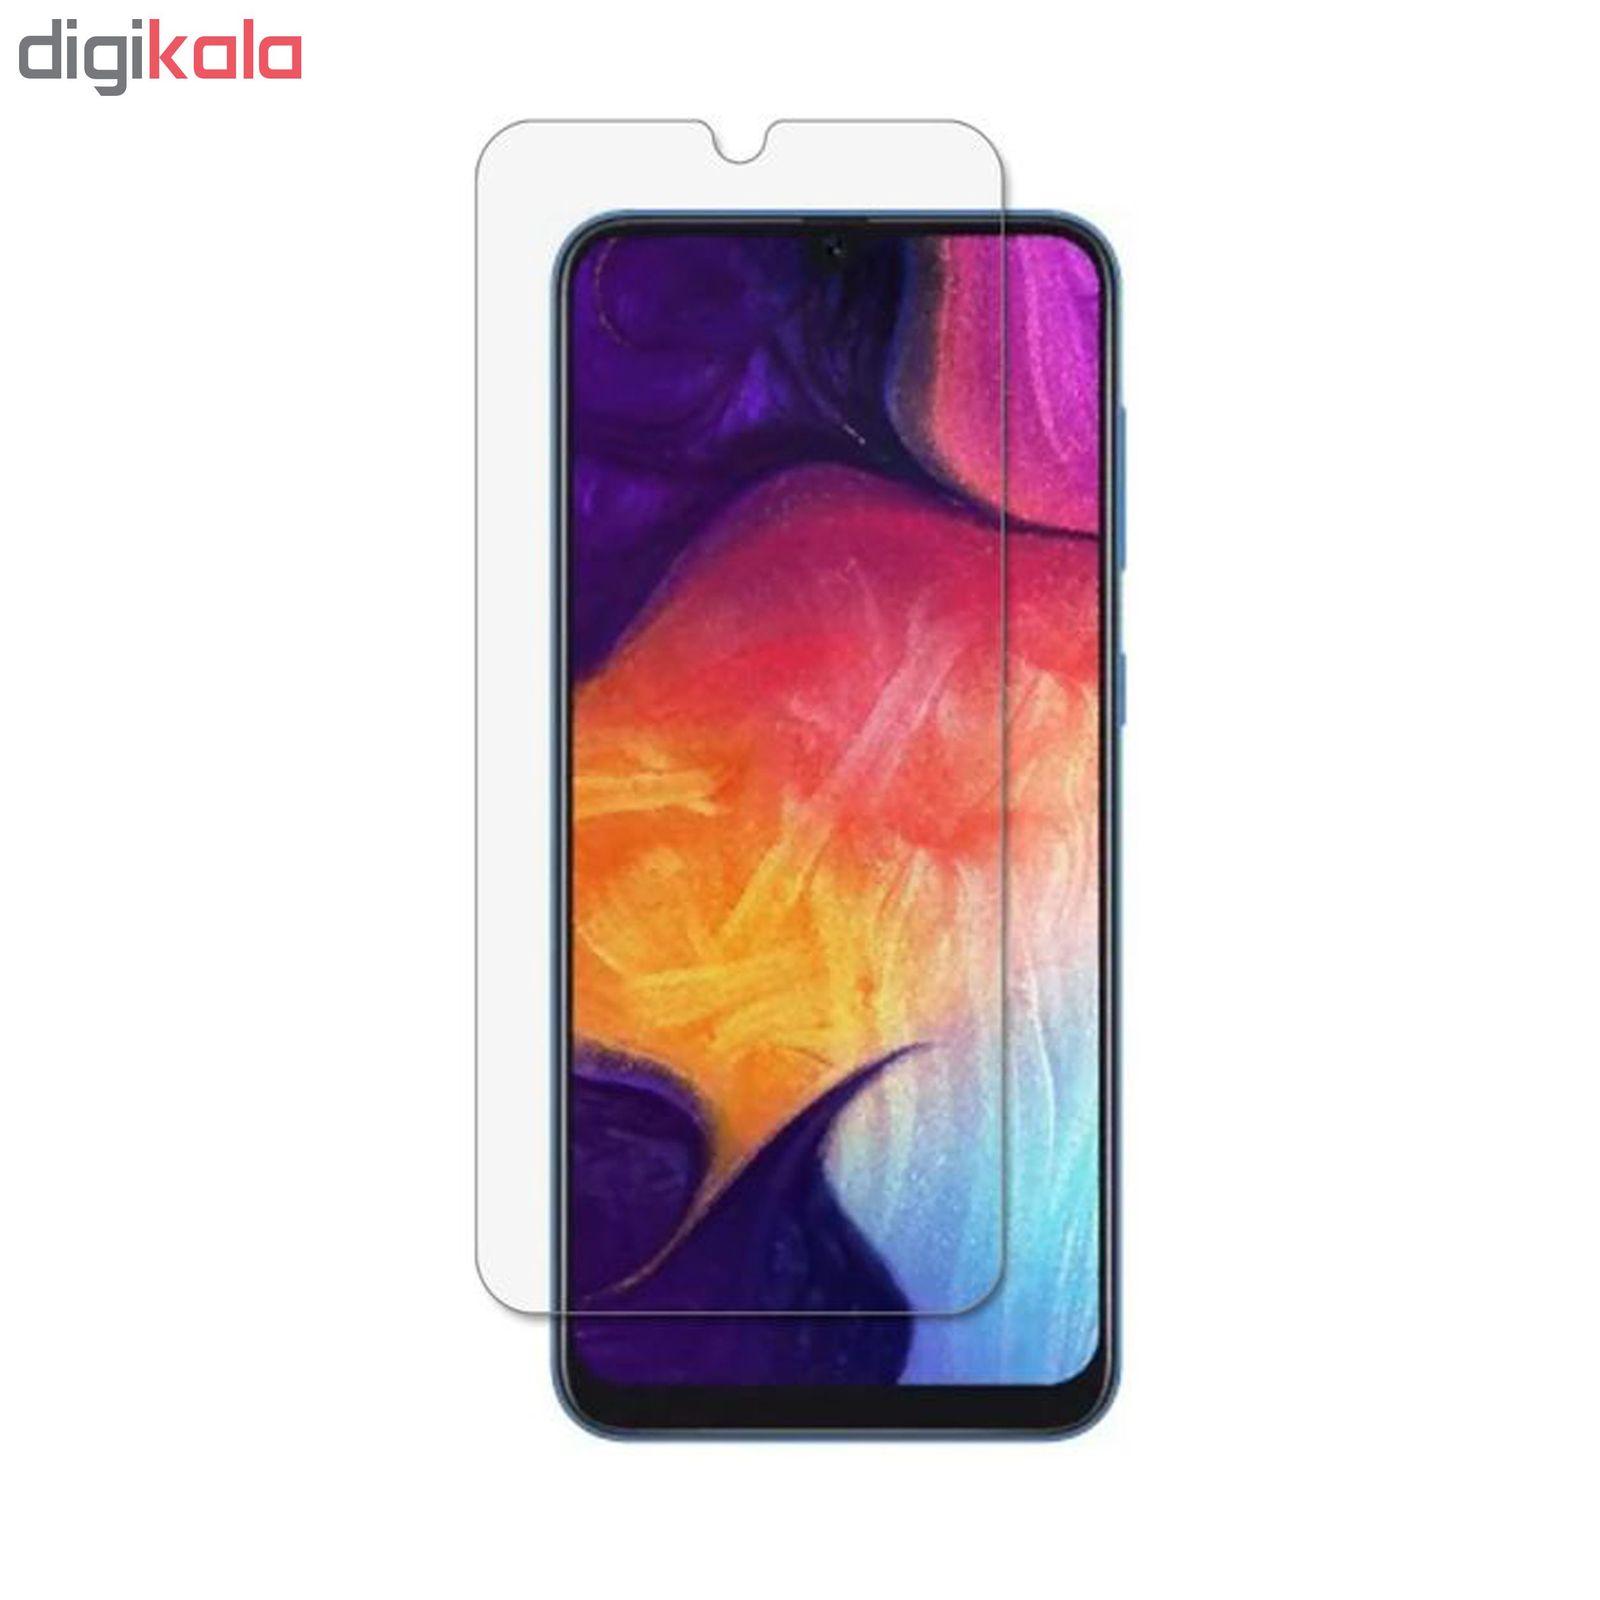 محافظ صفحه نمایش پنتاکس مدل STARK مناسب برای گوشی موبایل سامسونگ Galaxy A50 main 1 2